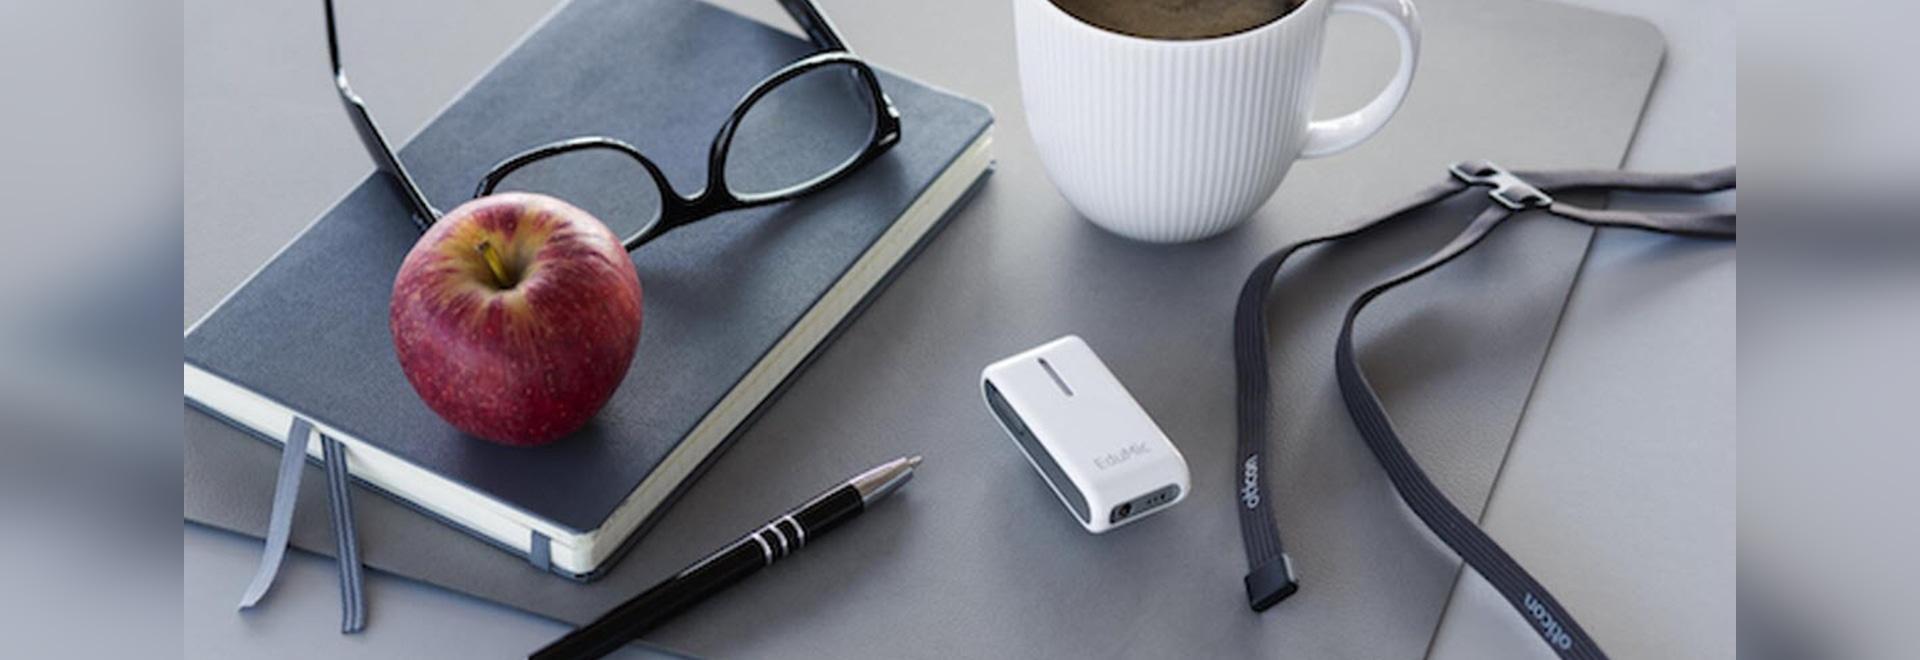 Système de microphone à distance sans fil Oticon EduMic